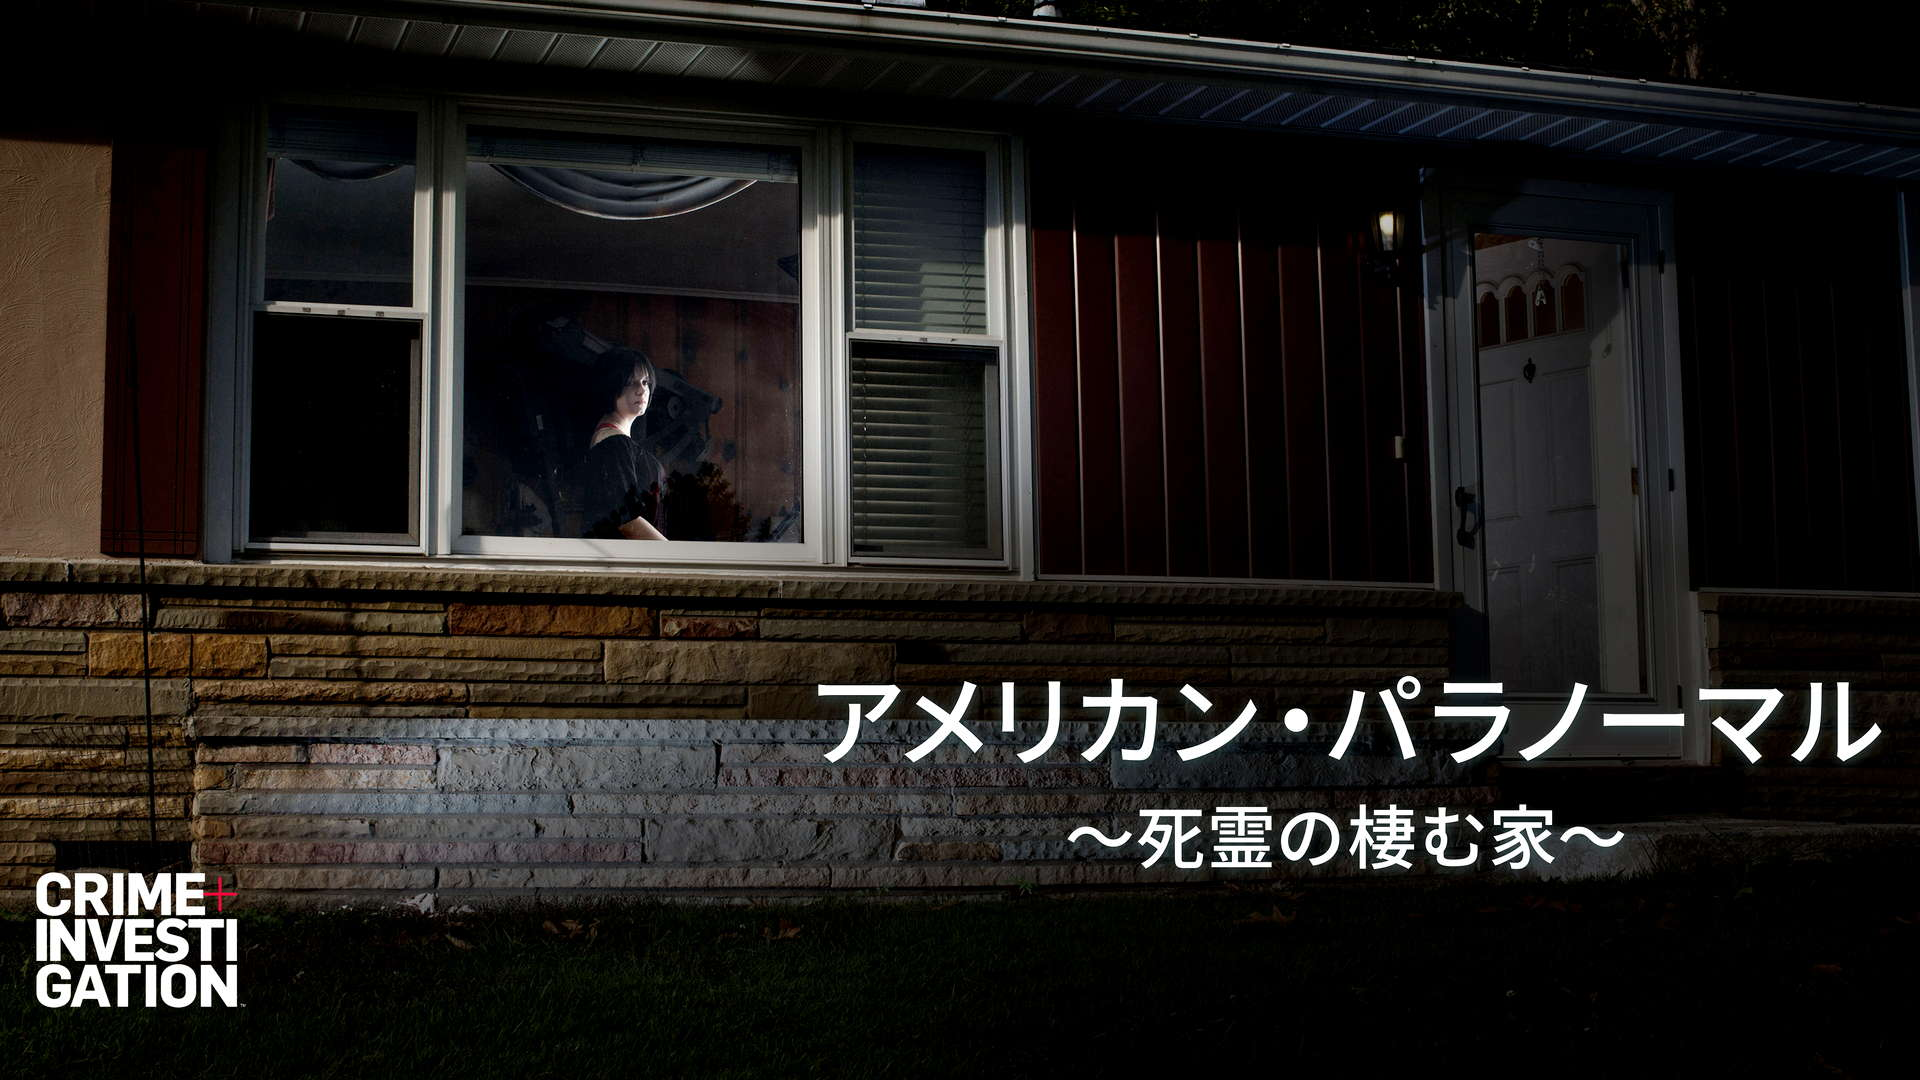 アメリカン・パラノーマル 〜死霊の棲む家〜